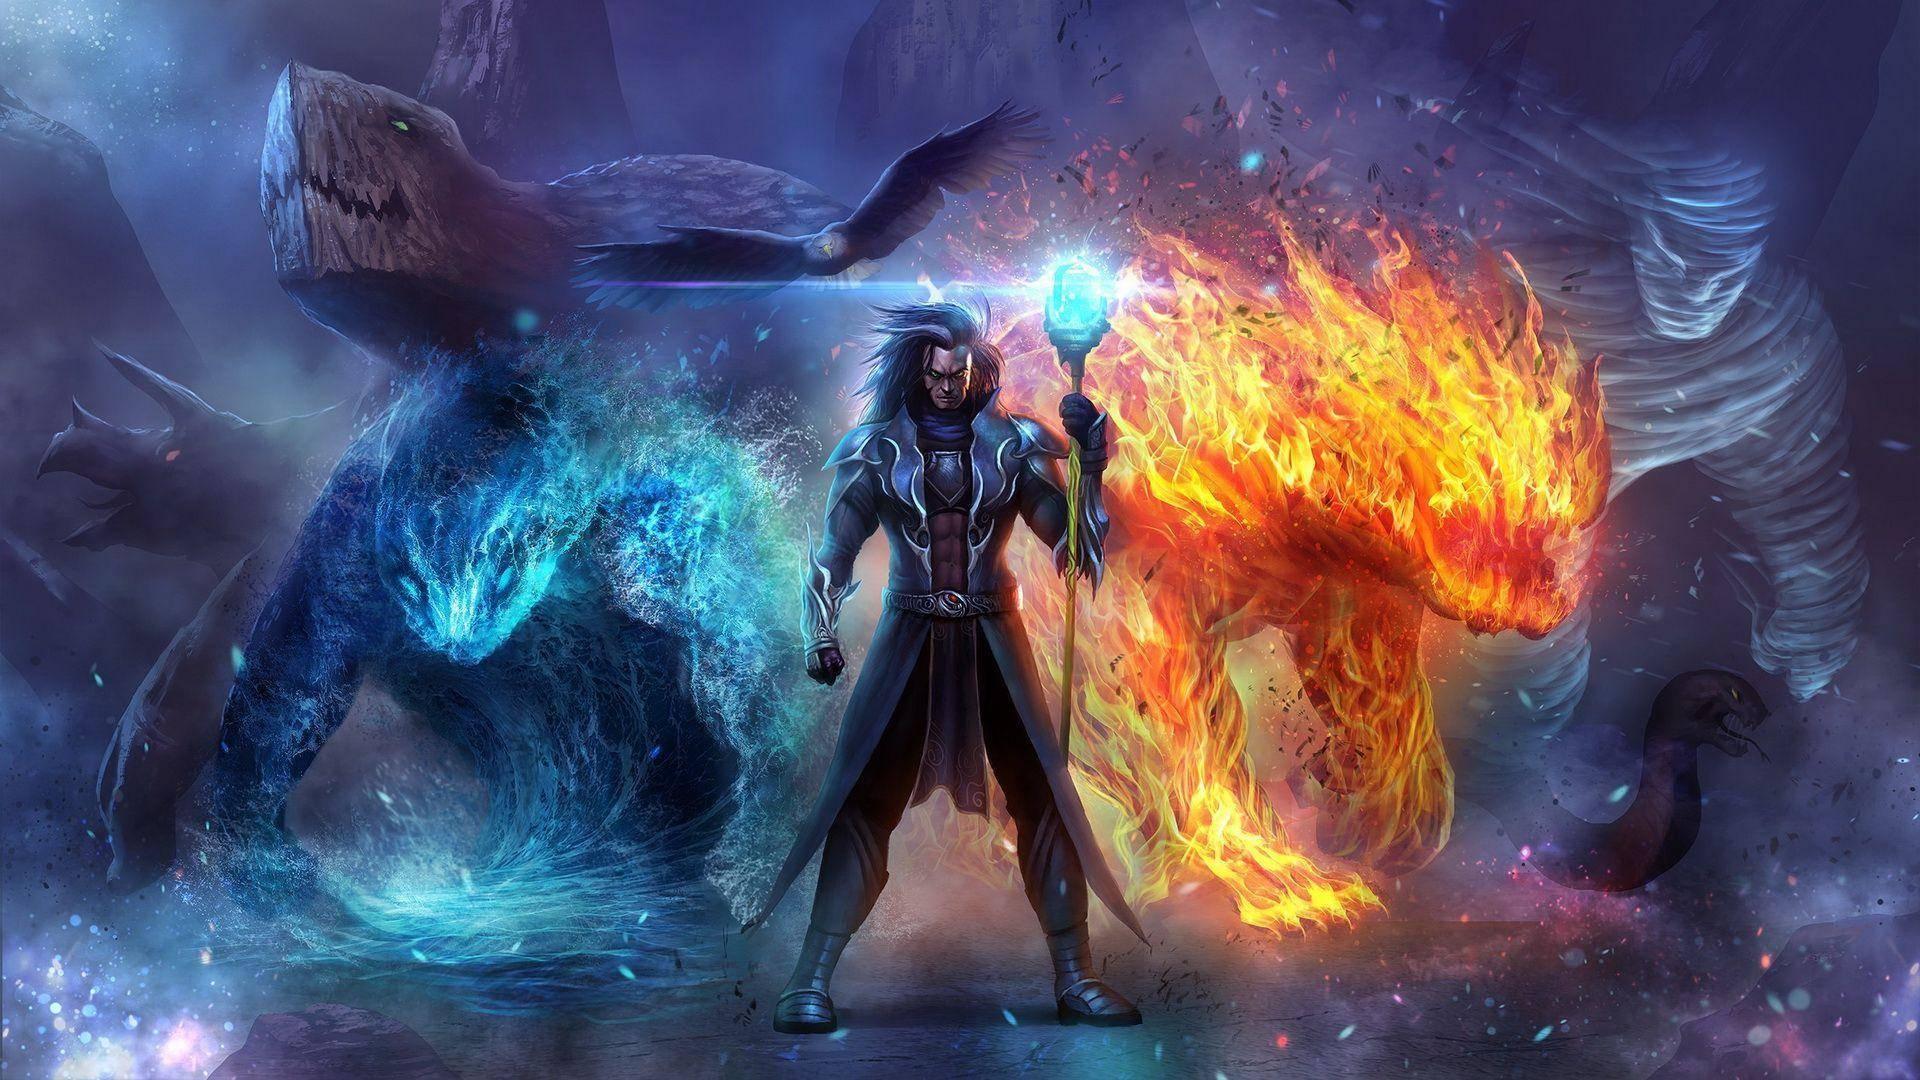 Абраксас — бог, хранитель вселенной, могущественный воин (5 фото). абраксас — бог, хранитель вселенной, могущественный воин (5 фото) абраксас марвел